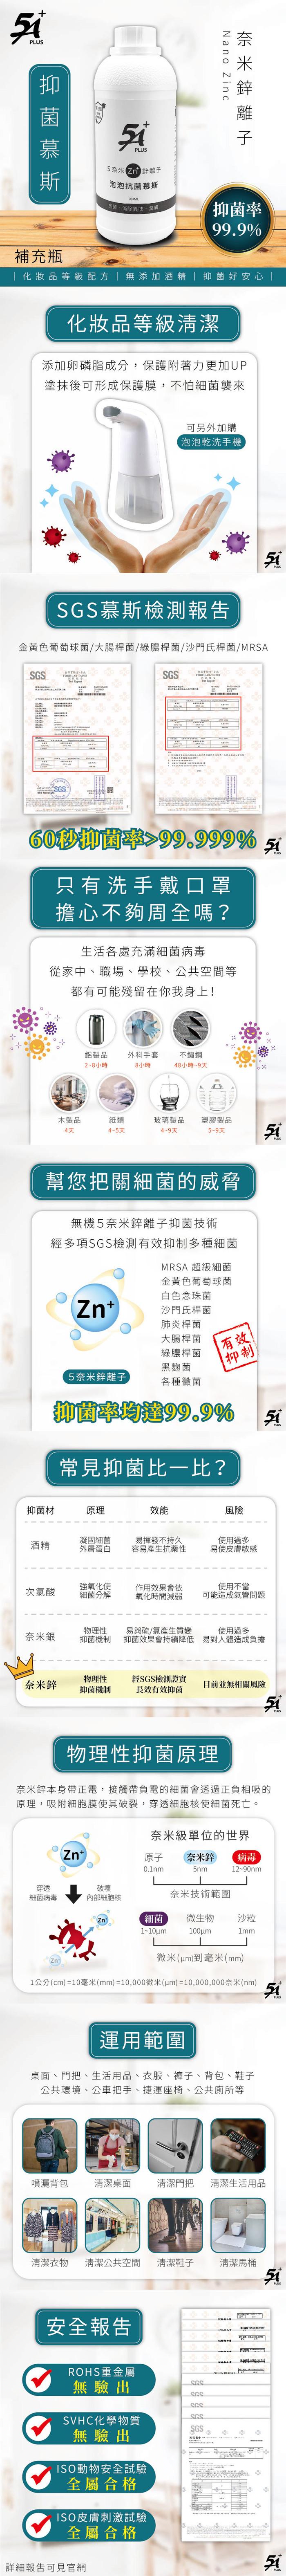 (複製)MuShui 5A+ 奈米鋅離子 化妝品等級 抑菌慕斯 50ml